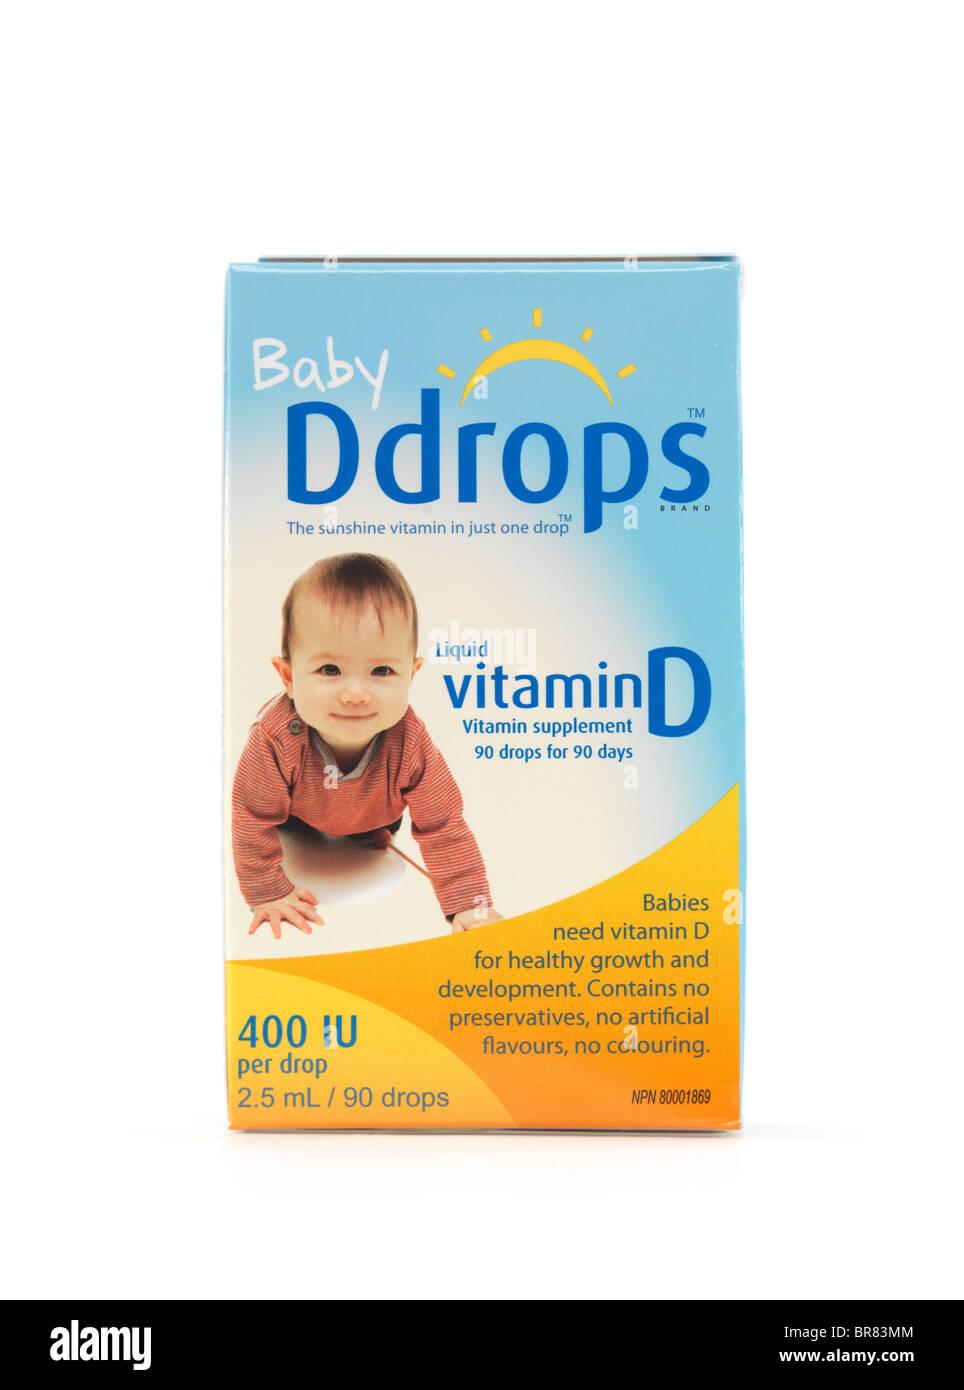 Flüssigkeit natürliches Vitamin D Tropfen Ddrops für Babys, die isoliert auf weißem Hintergrund Stockbild